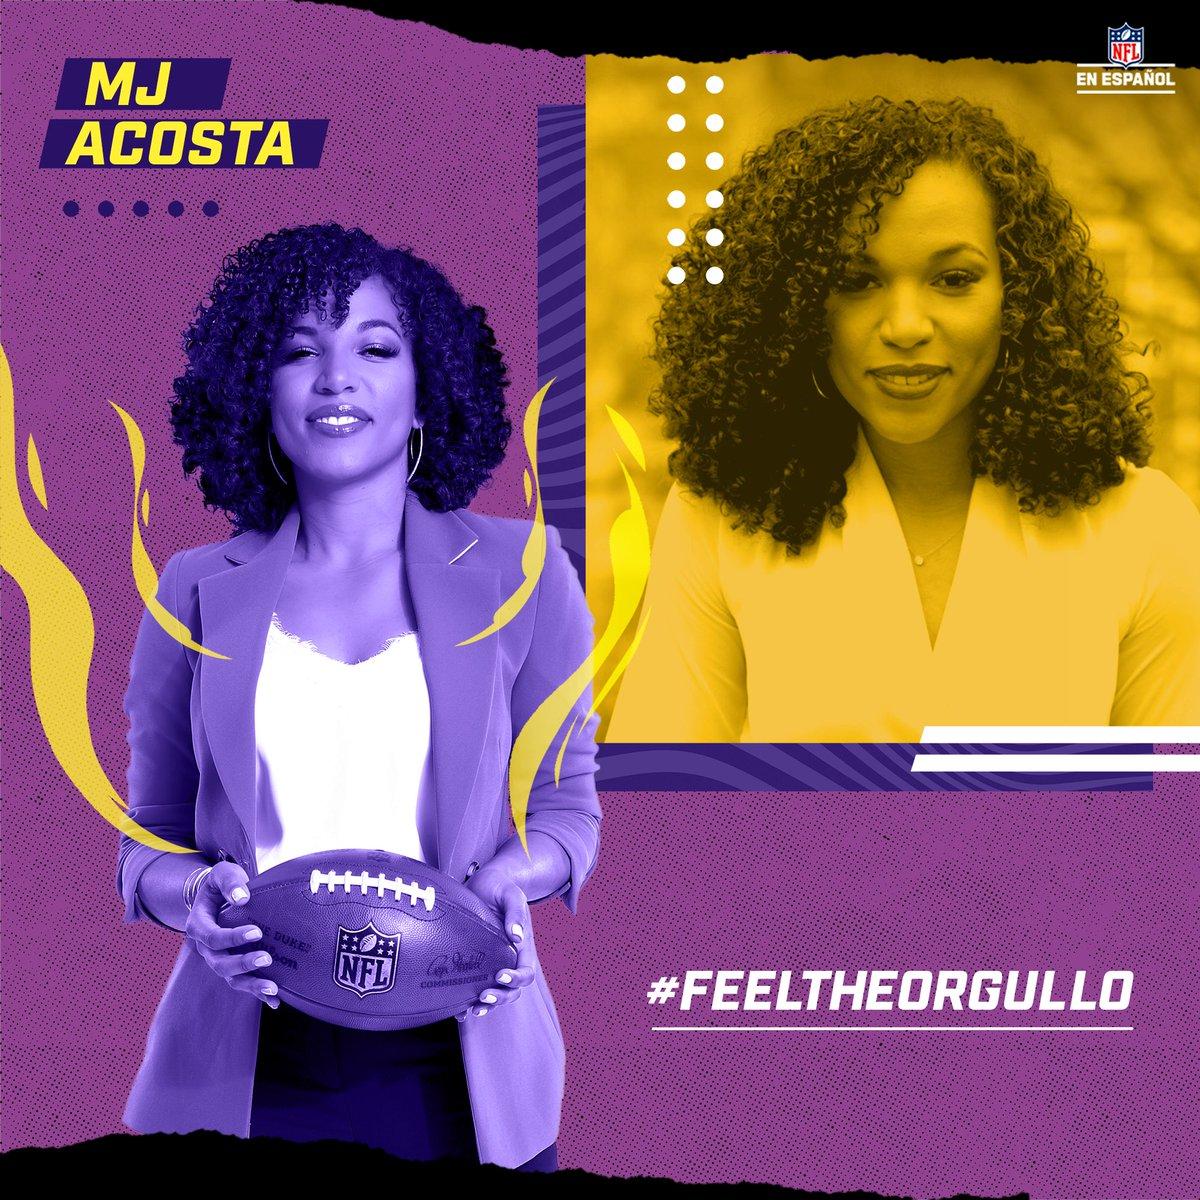 ¡Una mujer como ningún otra! 👏  Es la primera mujer afro-latina en ser presentadora de un show de NFL Network y tiene una carrera llena de éxitos, ¡@MJAcostaTV, una representante latina que nos llena de orgullo! 💁♀️🔝👏  #FeelTheOrgullo https://t.co/Irsff1N5A3